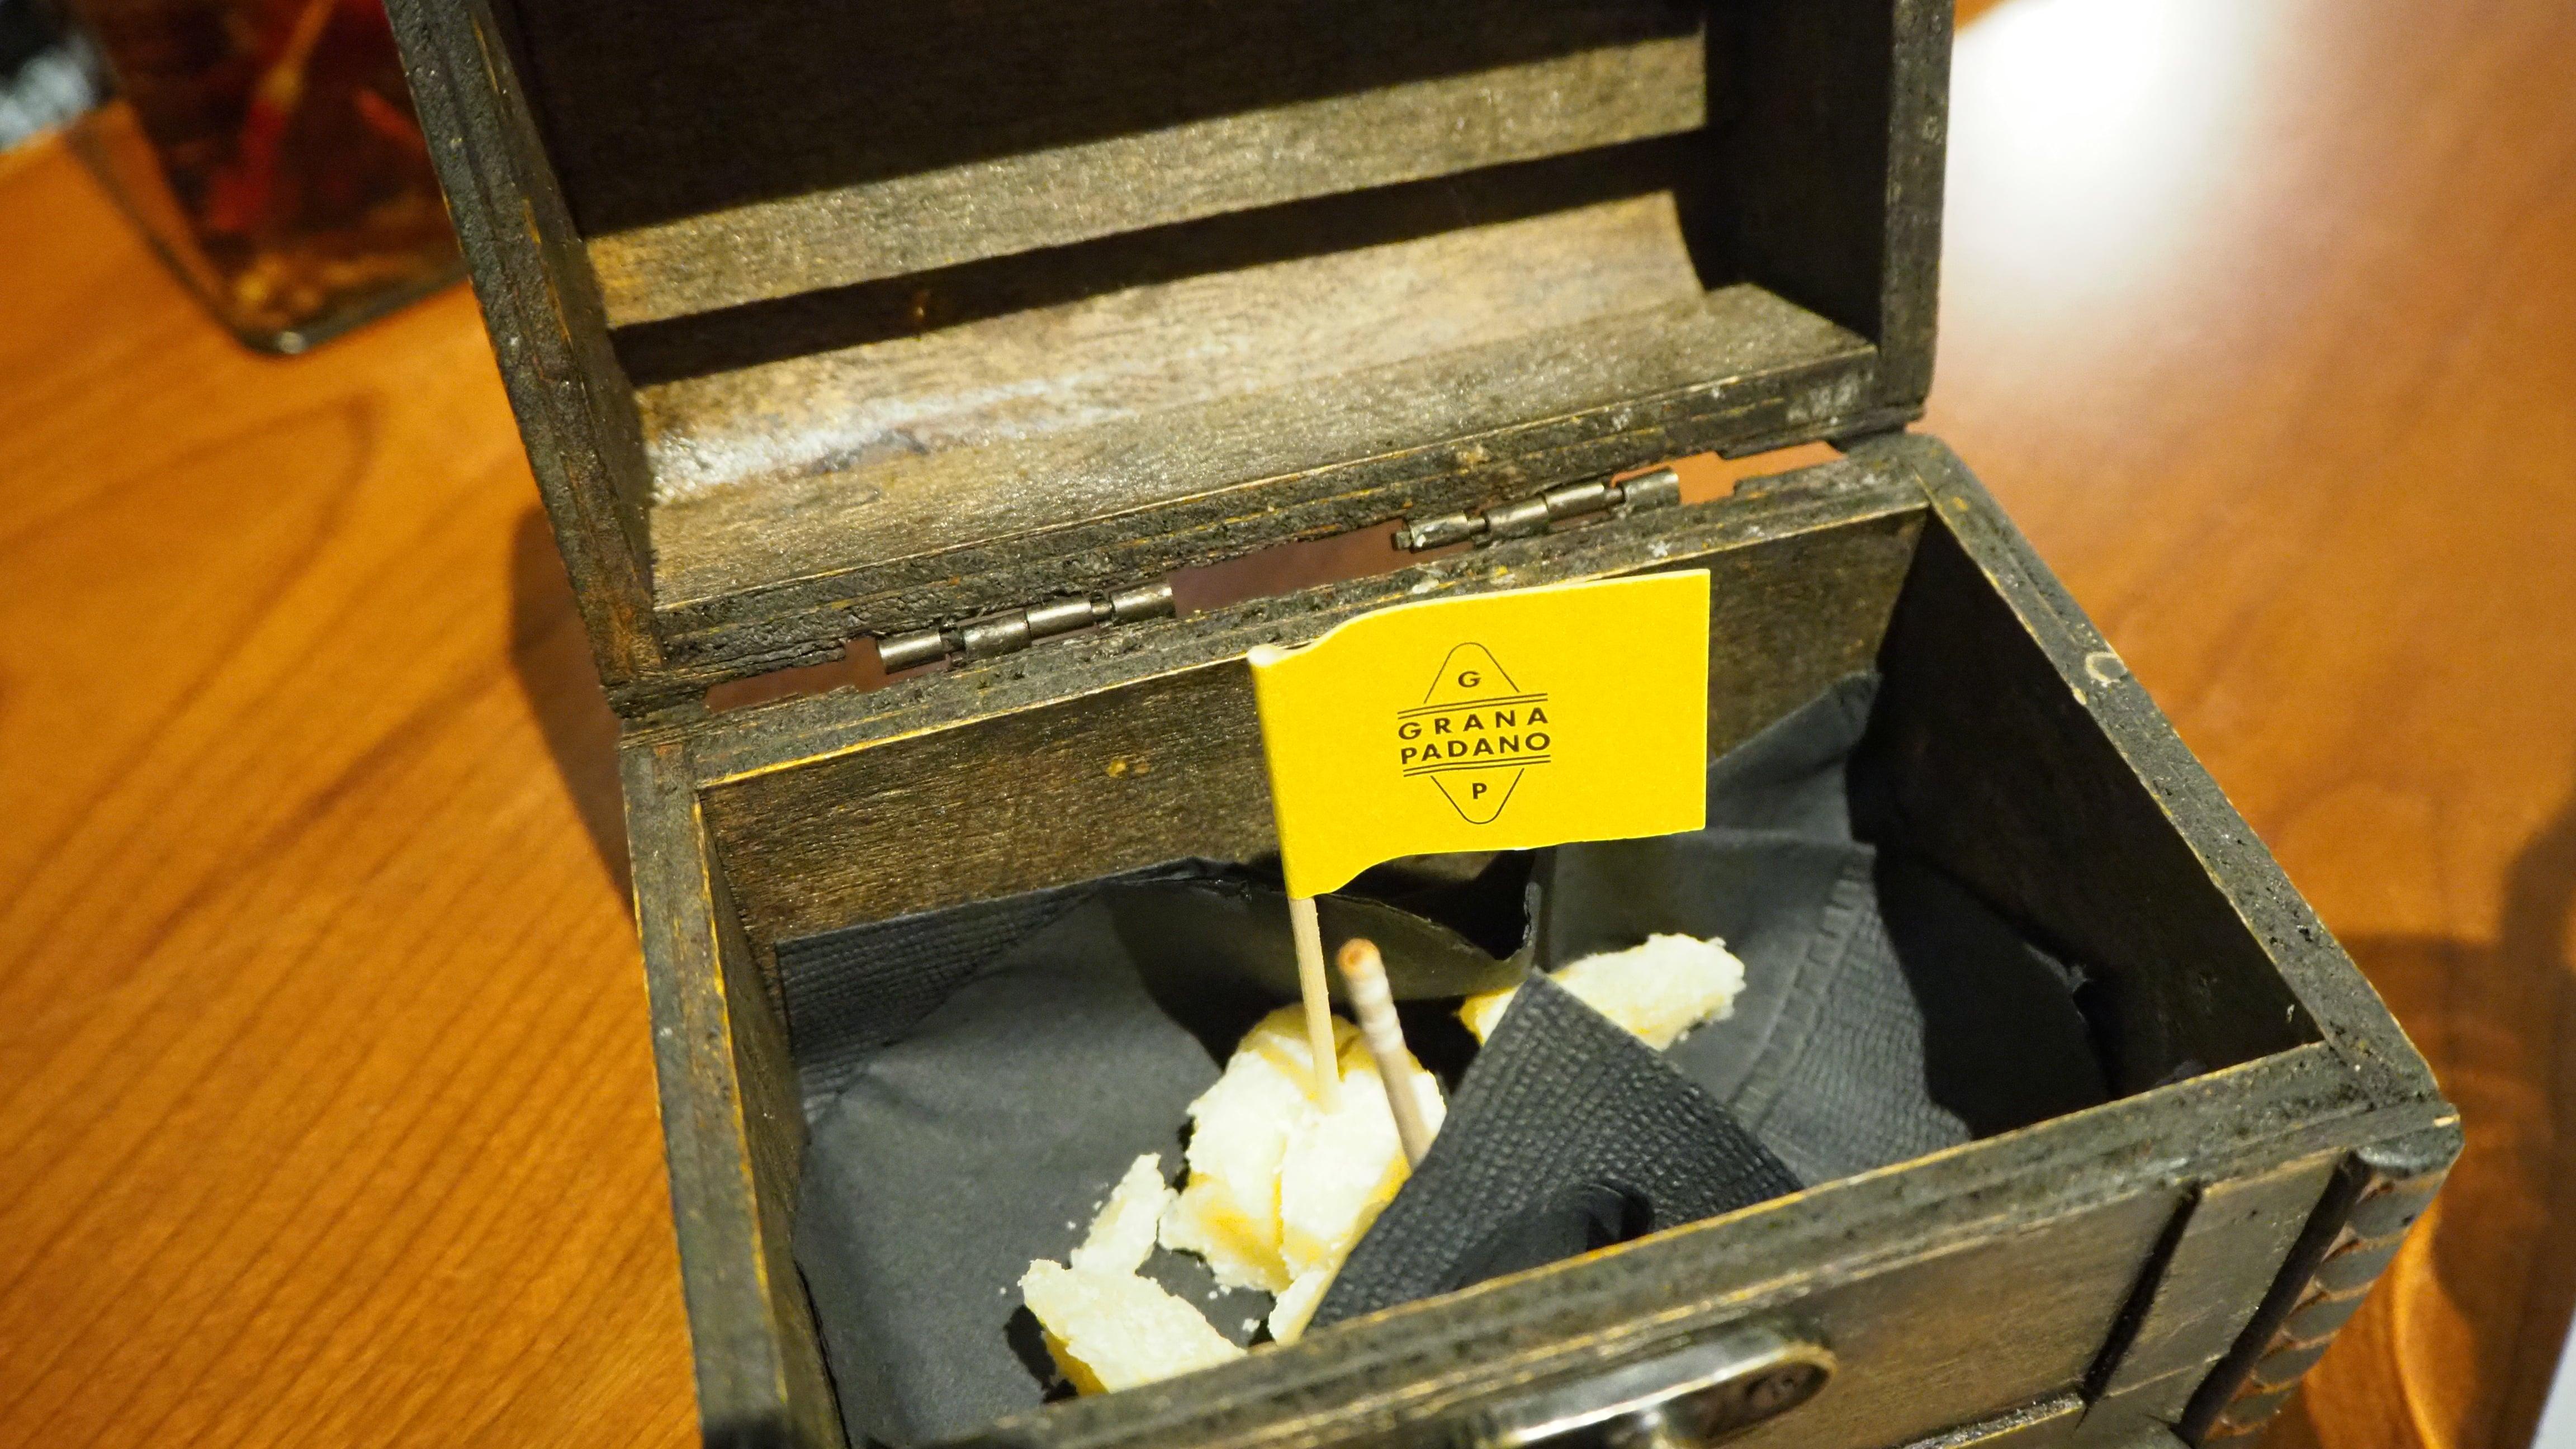 熱々とろ〜りなチーズに注目! 栄駅から徒歩5分のイタリアンで「窯焼きパスタ」実食 - pagina971